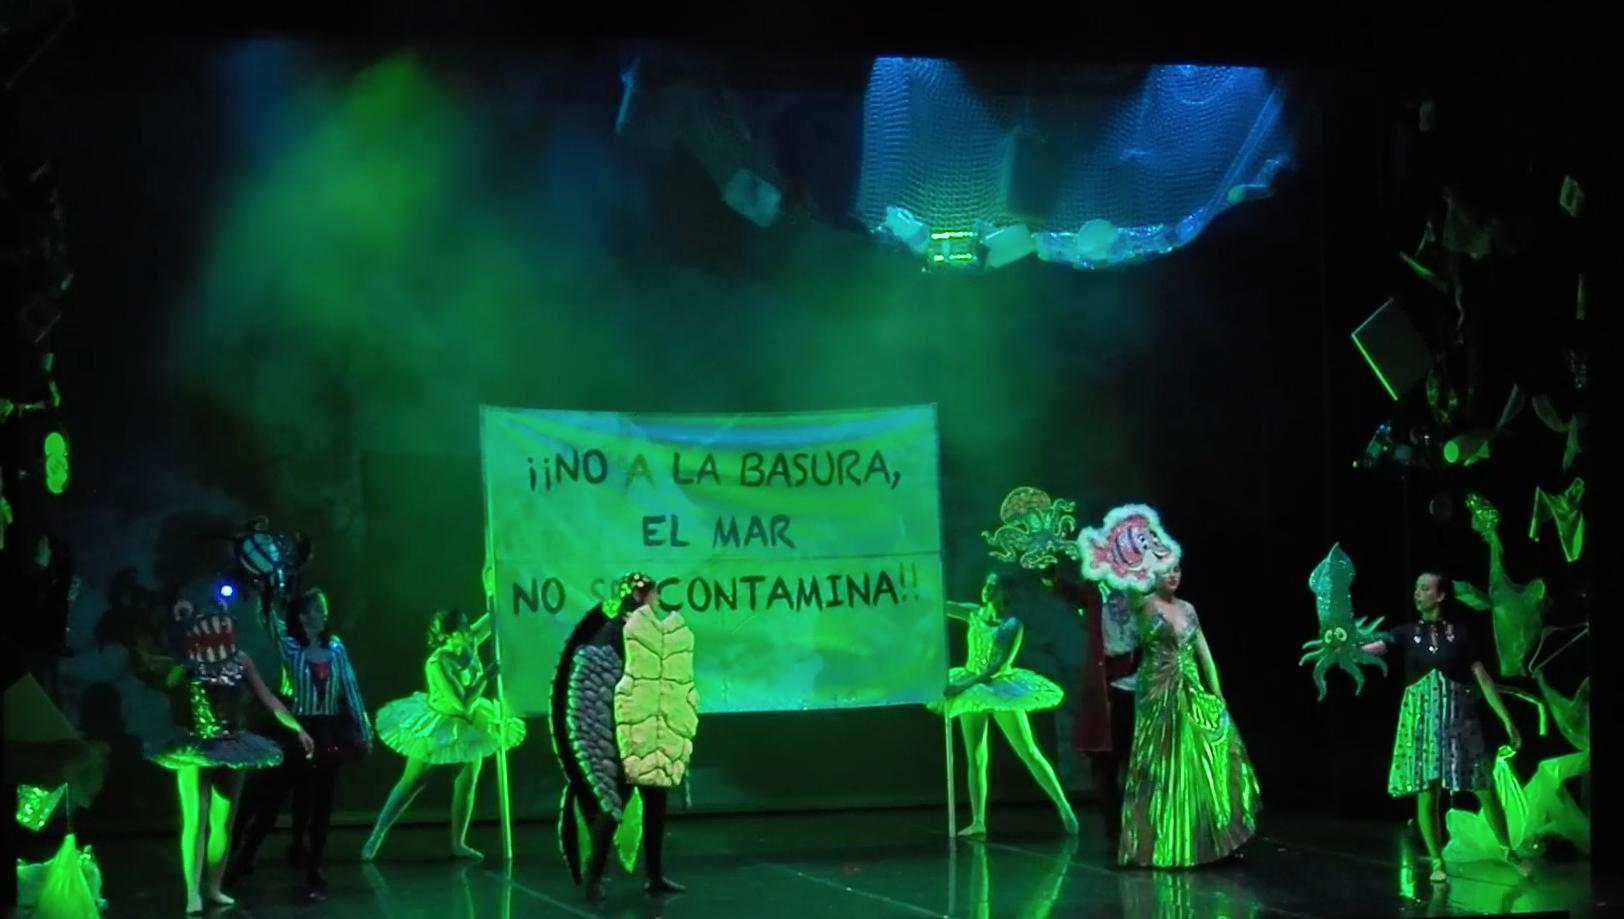 Foto de la pancarta del Musical